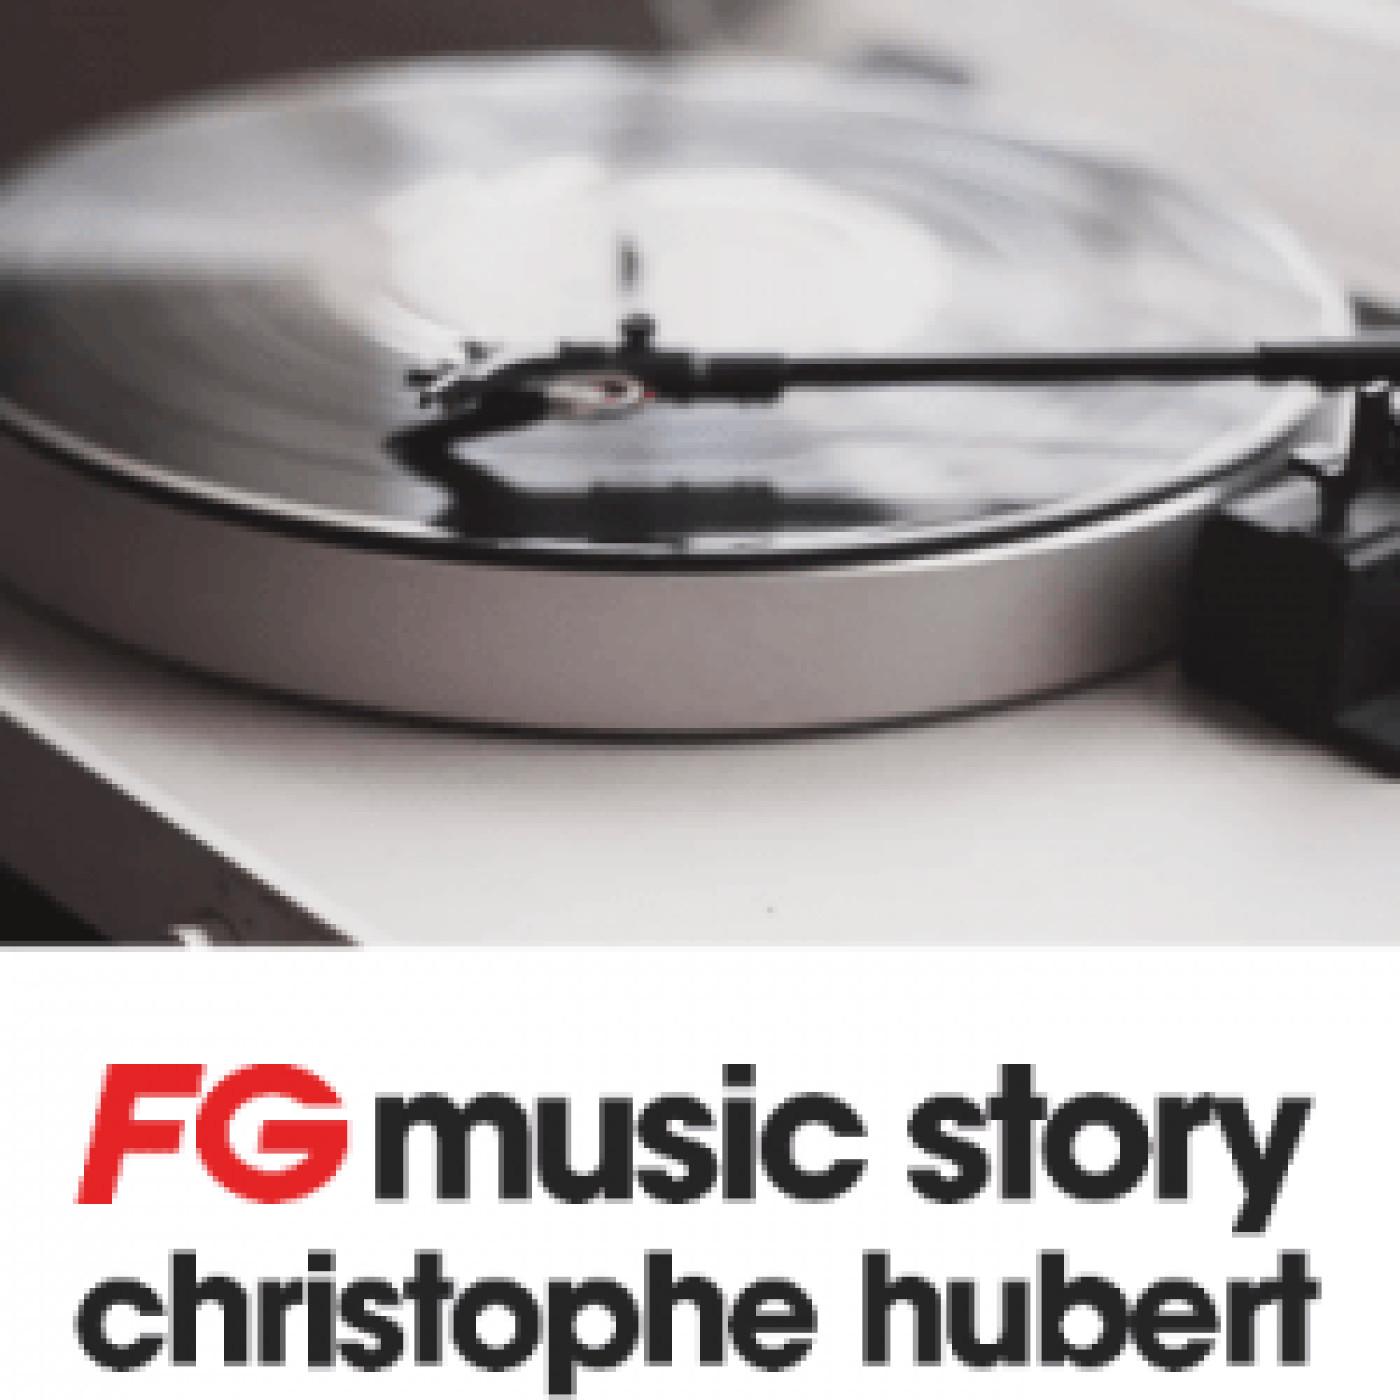 FG MUSIC STORY : REDONDO